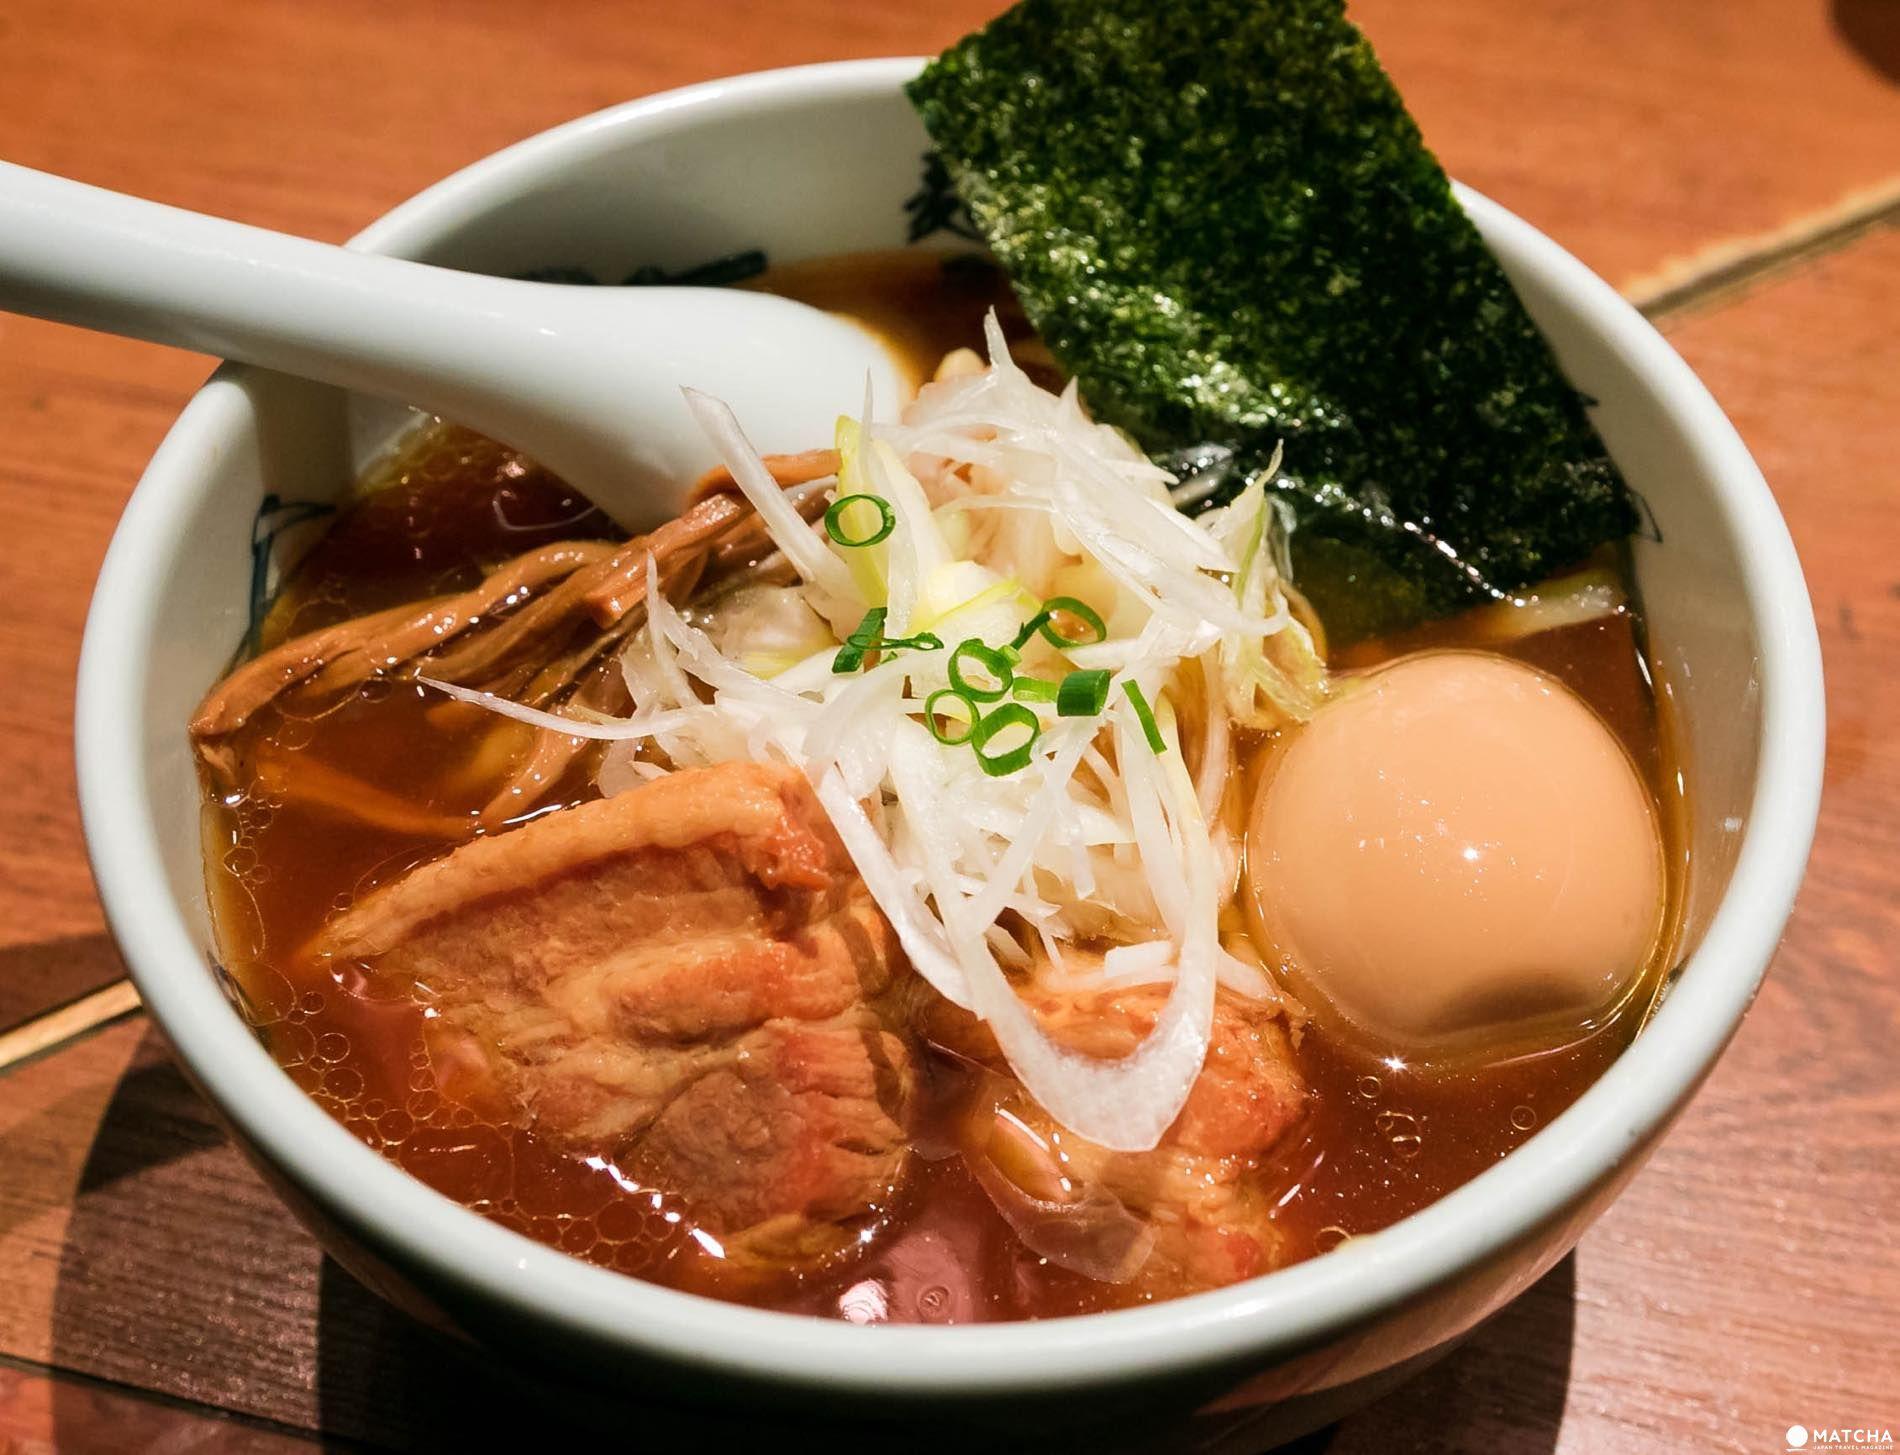 麺屋武蔵 新宿本店の武蔵ら〜麺 ¥1150は、動物と魚介のダブルスープに、モチモチ麺の組み合わせ。